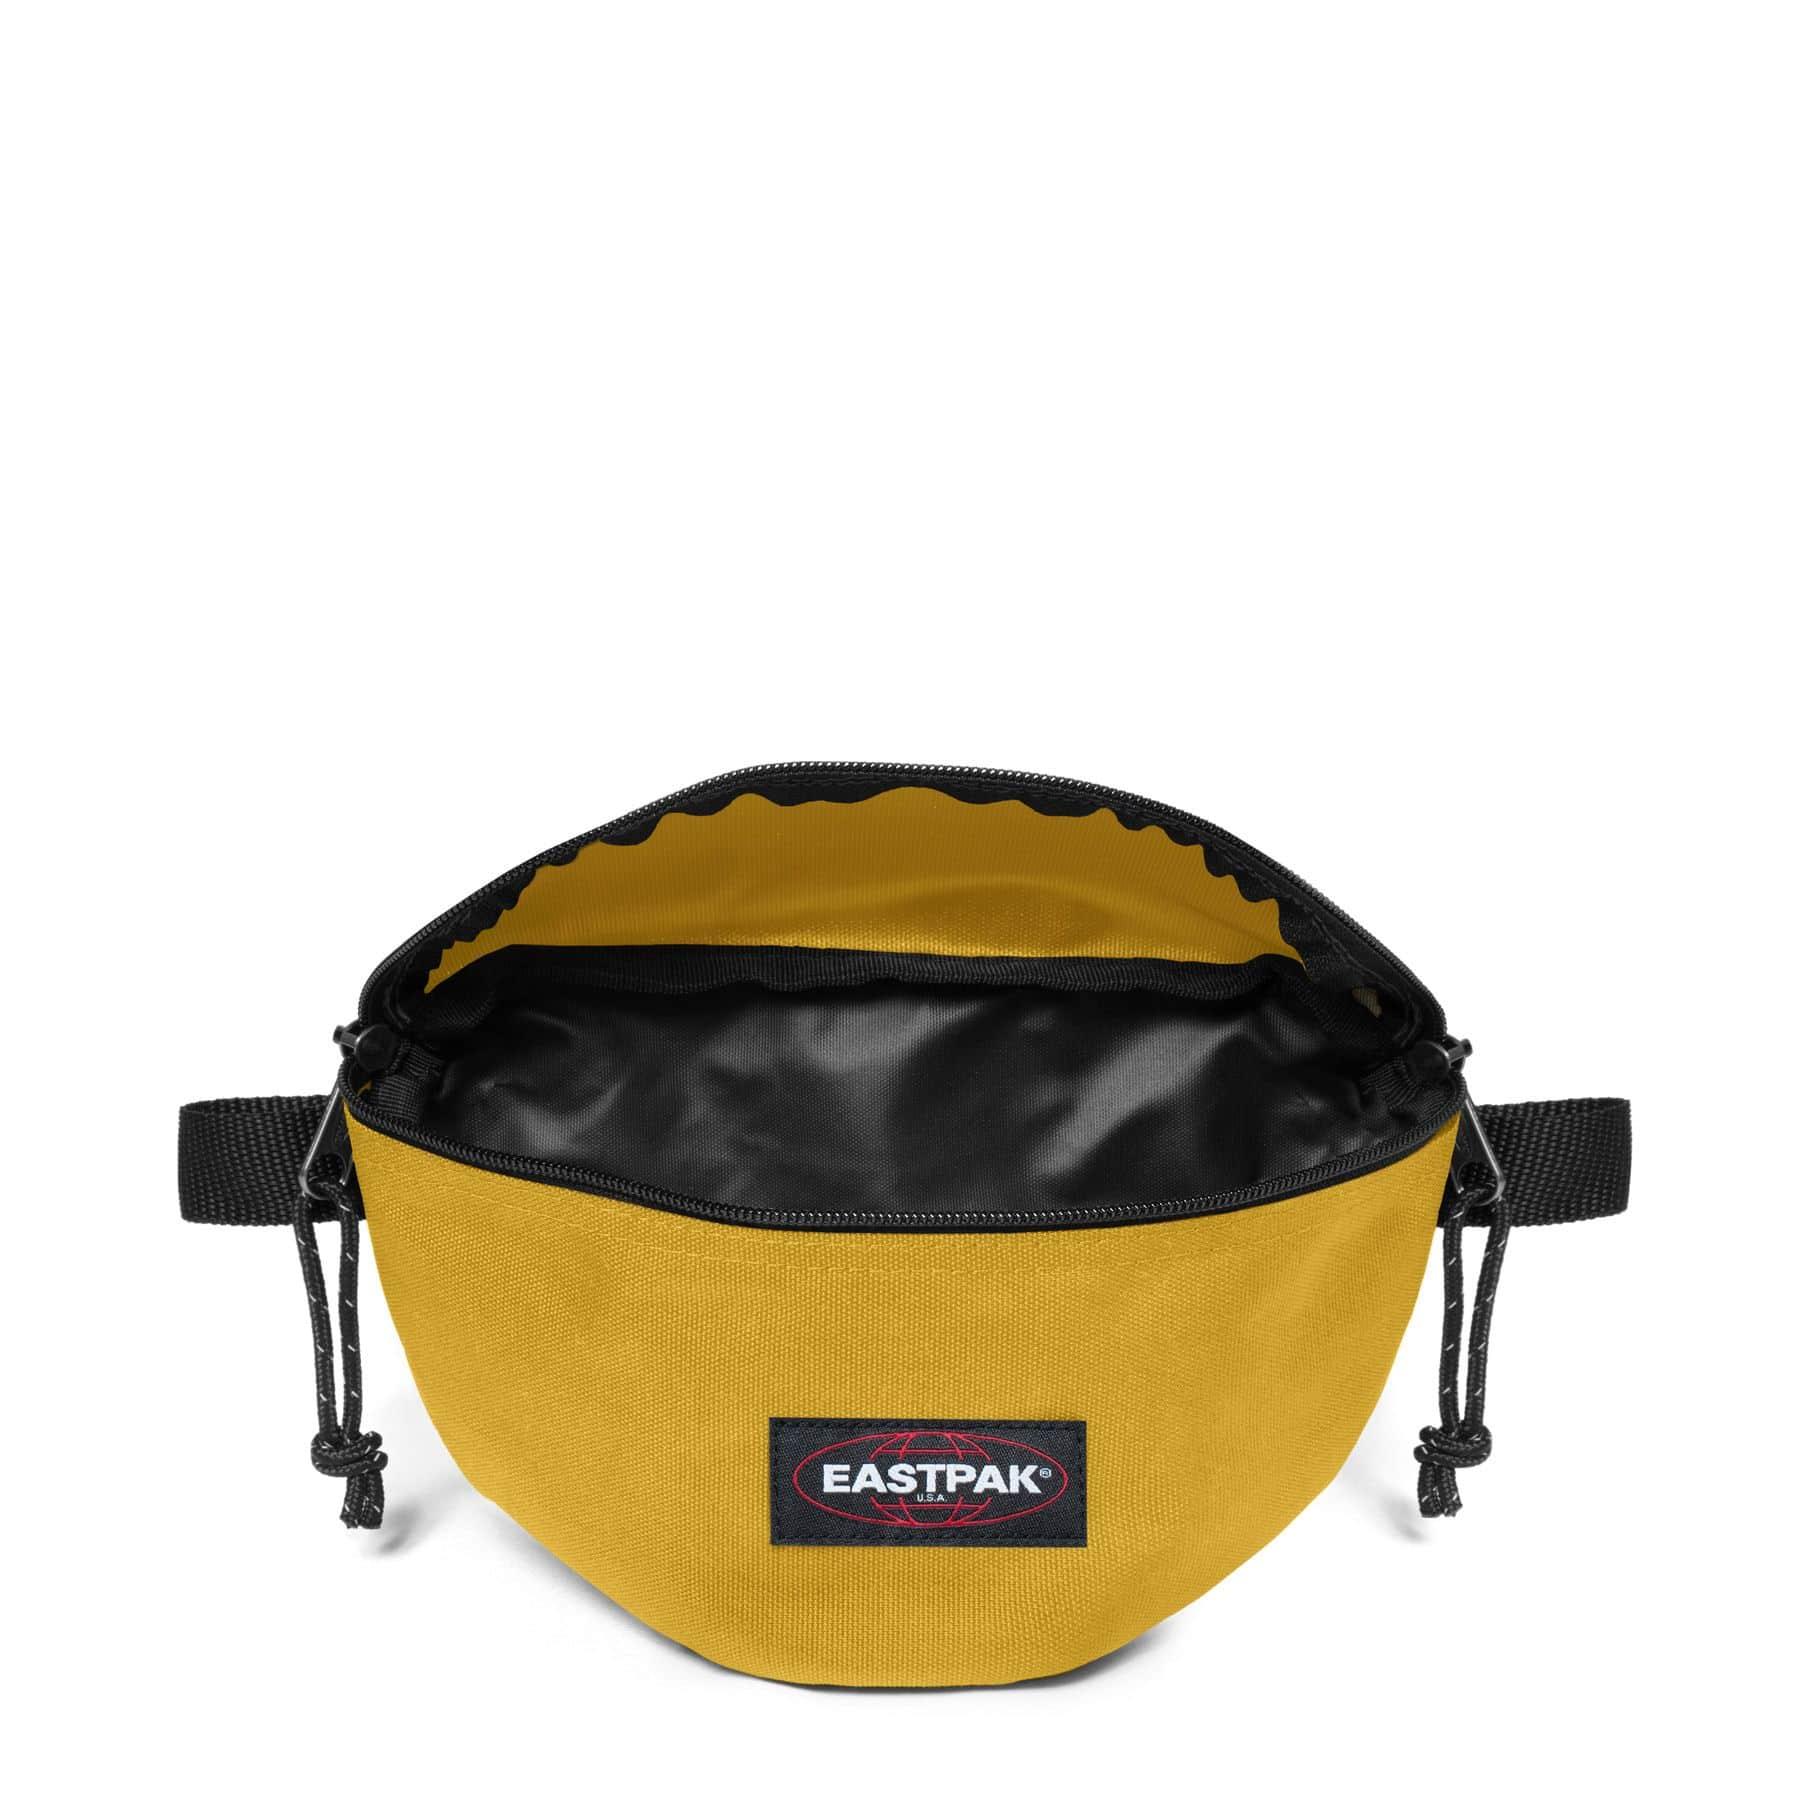 Eastpak Springer Sunny Yellow-185044